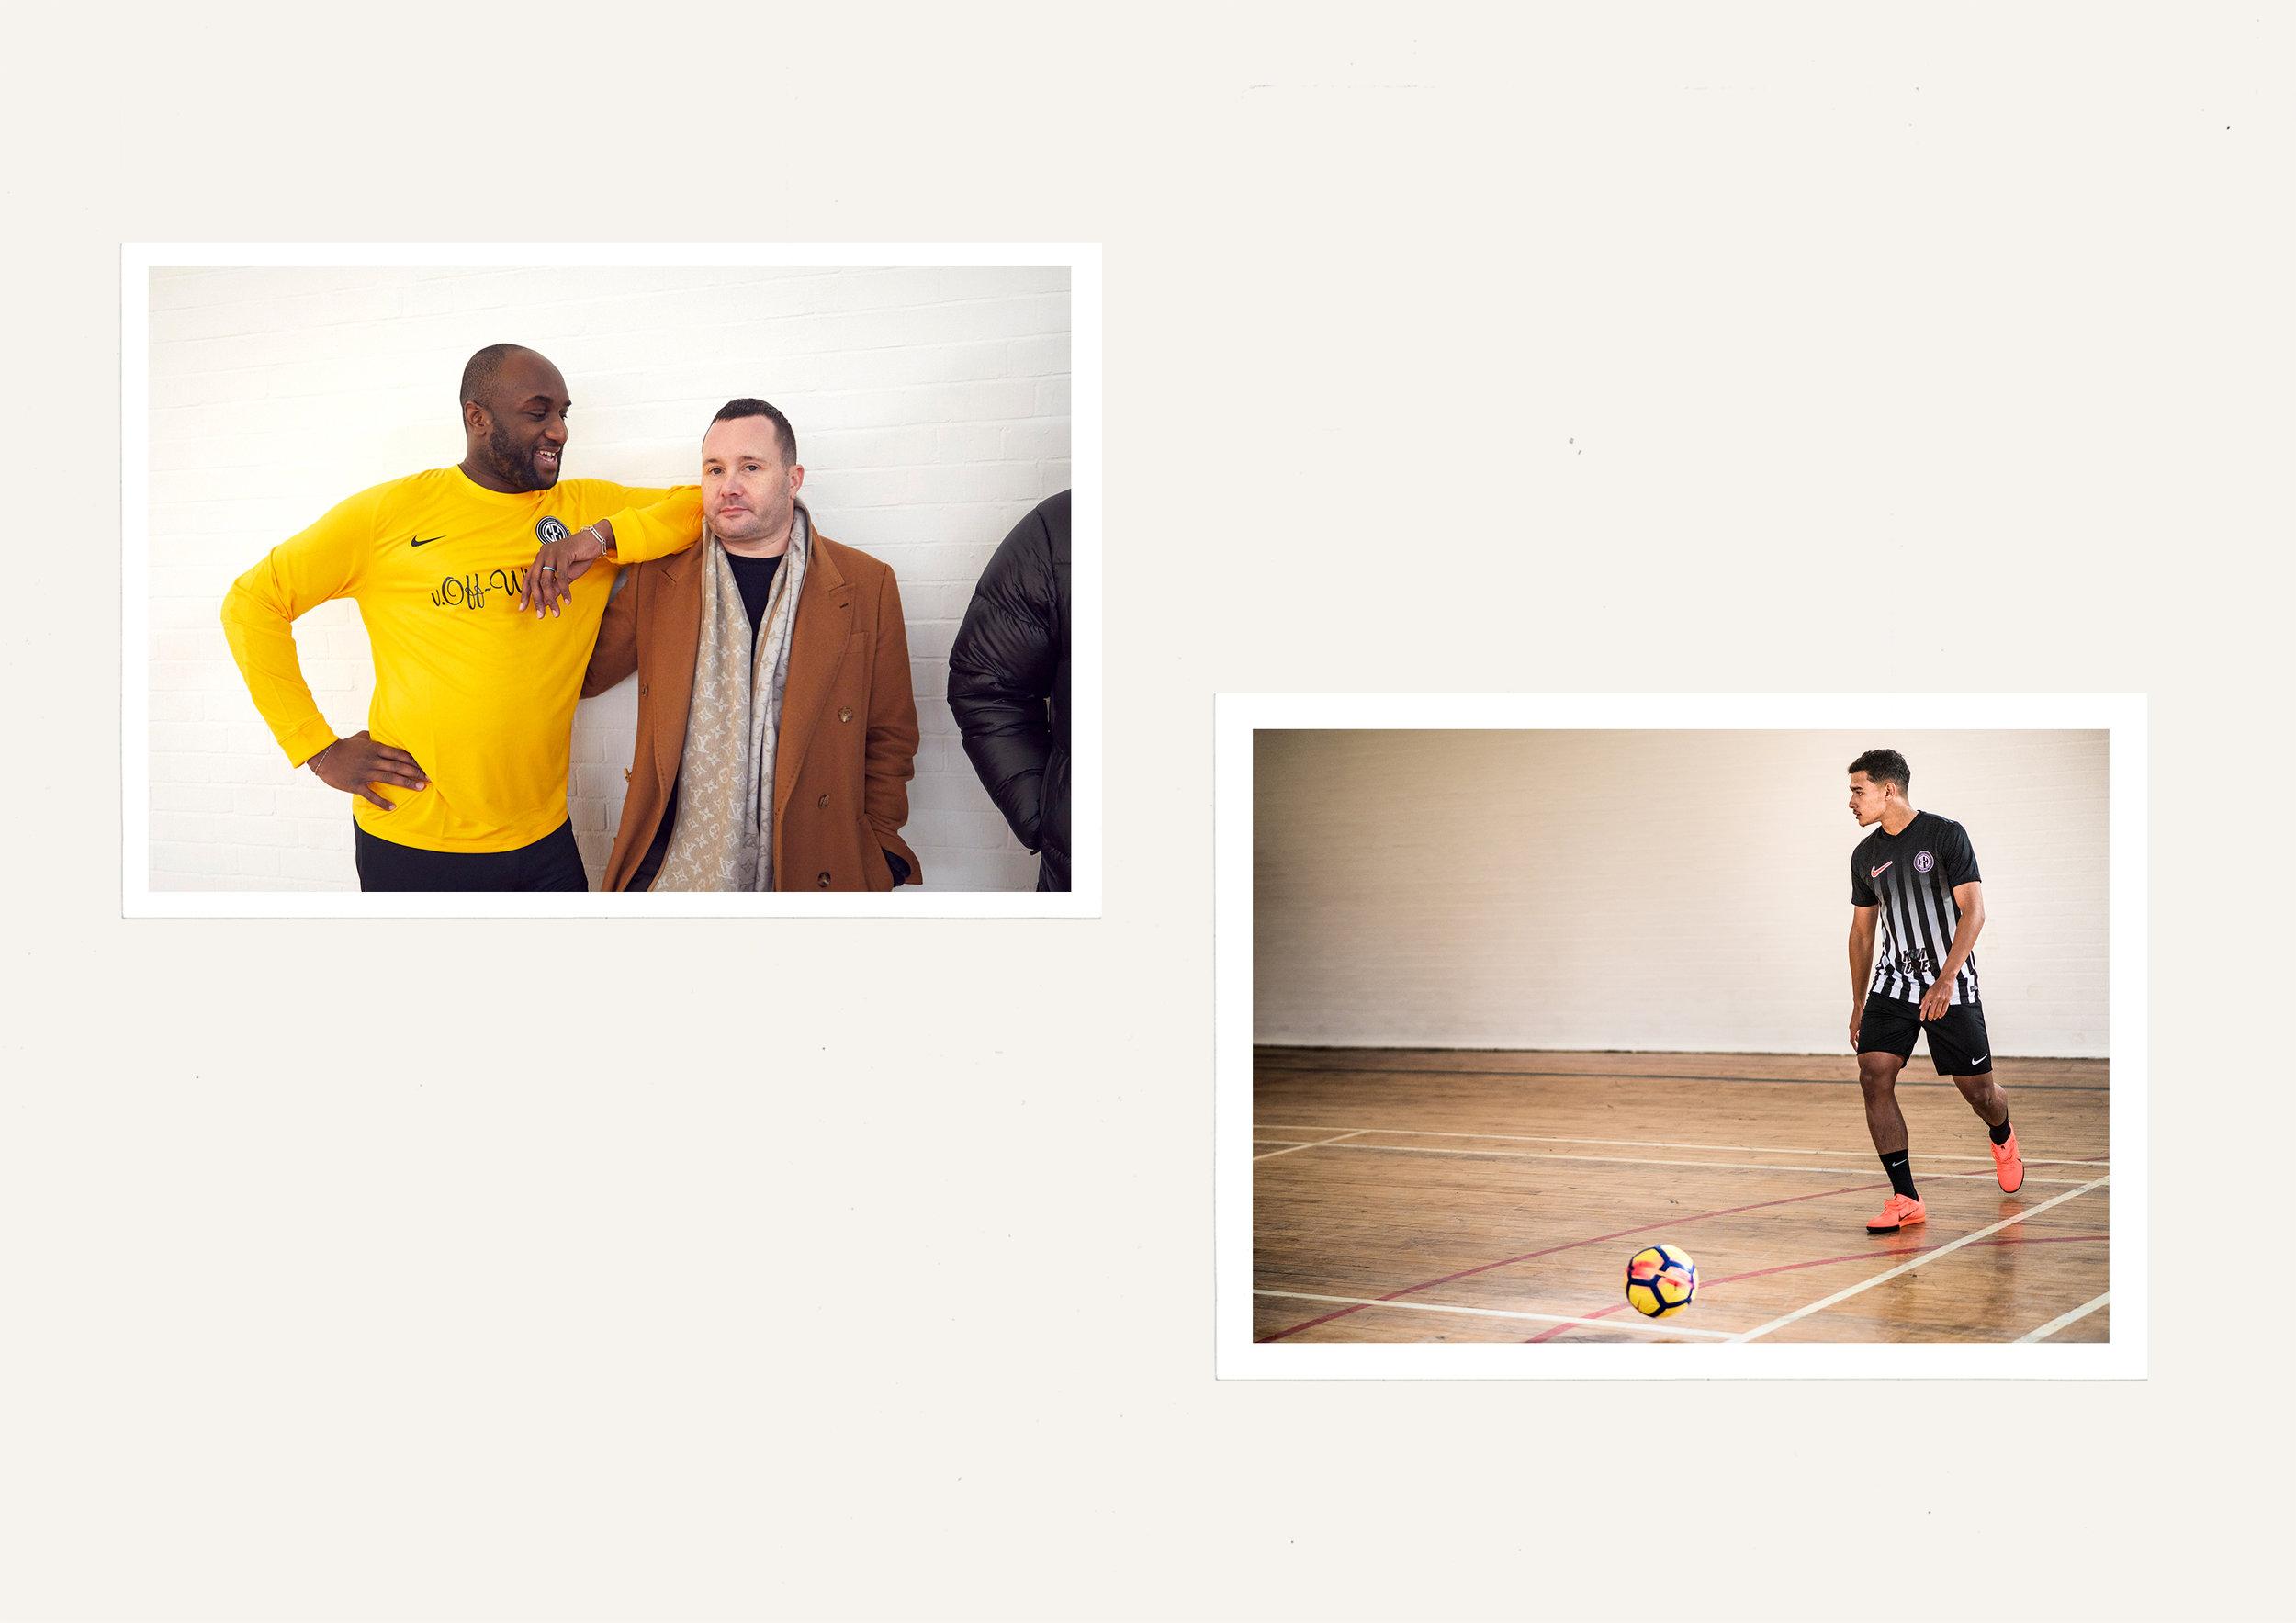 Nike_Football_Gallery_Image_5.jpg